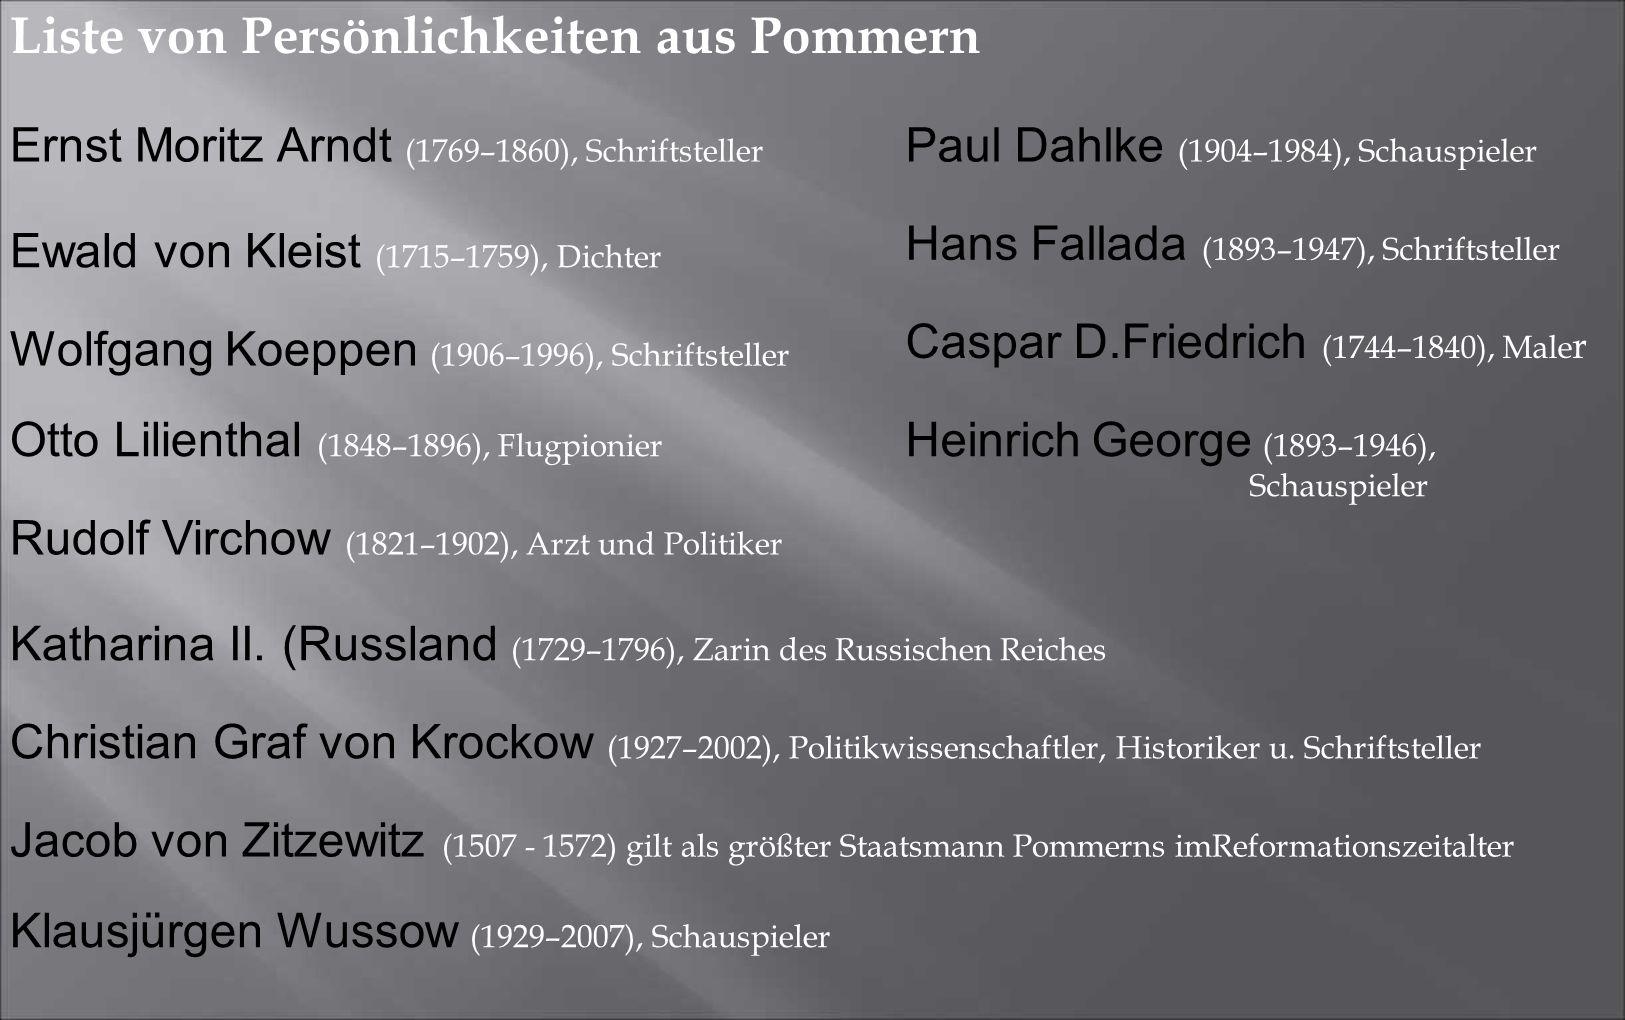 Liste von Persönlichkeiten aus Pommern Ernst Moritz Arndt (1769–1860), Schriftsteller Paul Dahlke (1904–1984), Schauspieler Hans Fallada (1893–1947), Schriftsteller Caspar D.Friedrich (1744–1840), Male r Heinrich George (1893–1946), Schauspieler Katharina II.